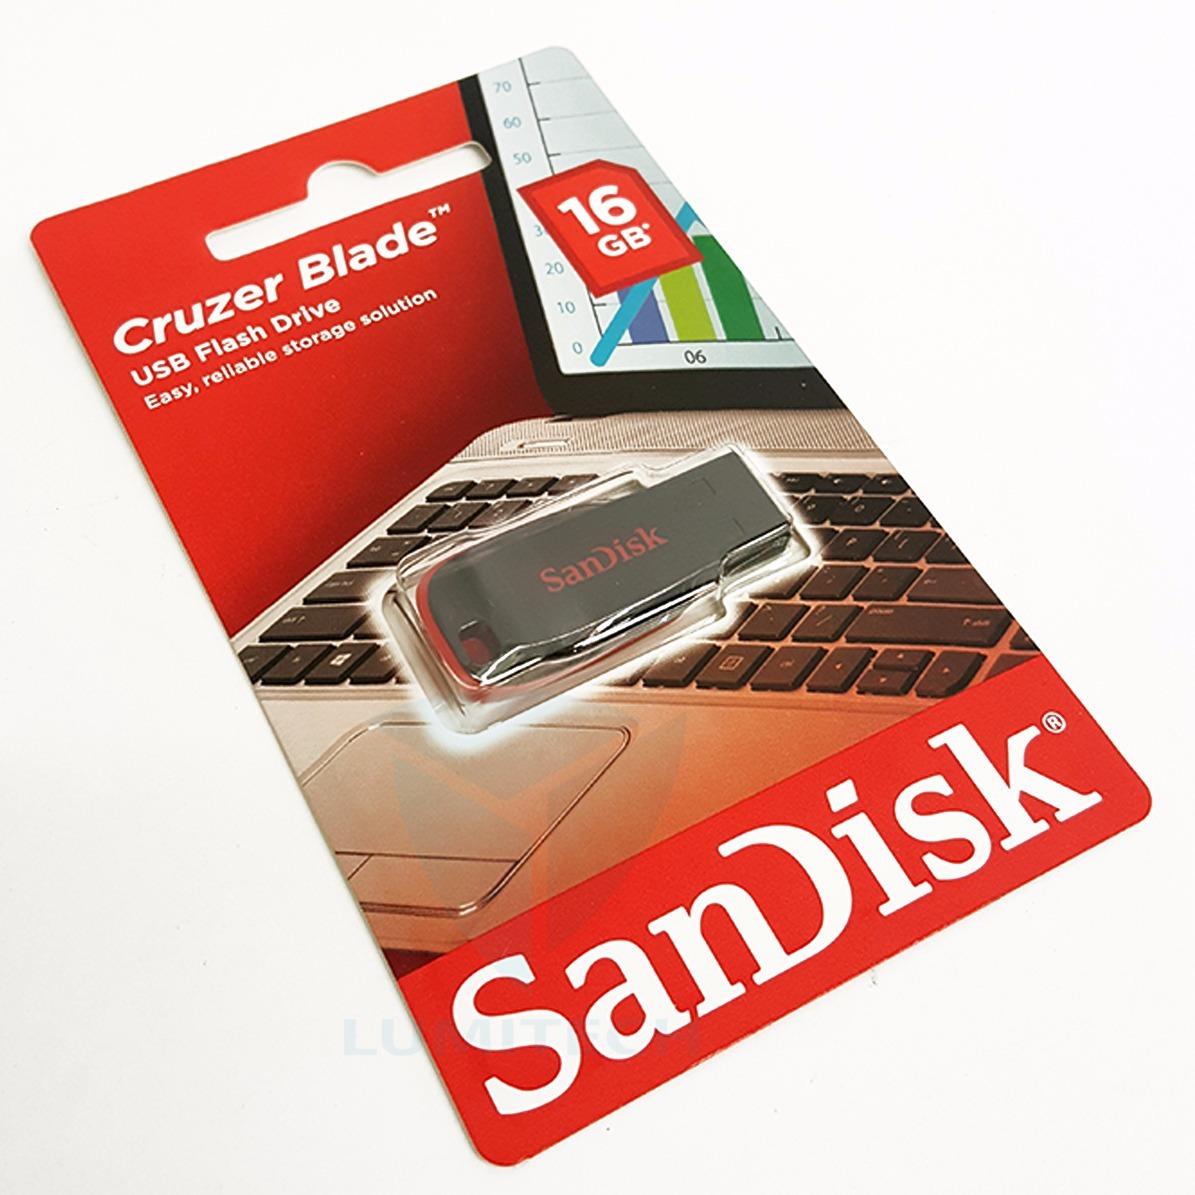 Pendrive Sandisk Cruzer Blade Cz50 16gb Usb 28006 En Mercado Libre Flashdisk Cargando Zoom